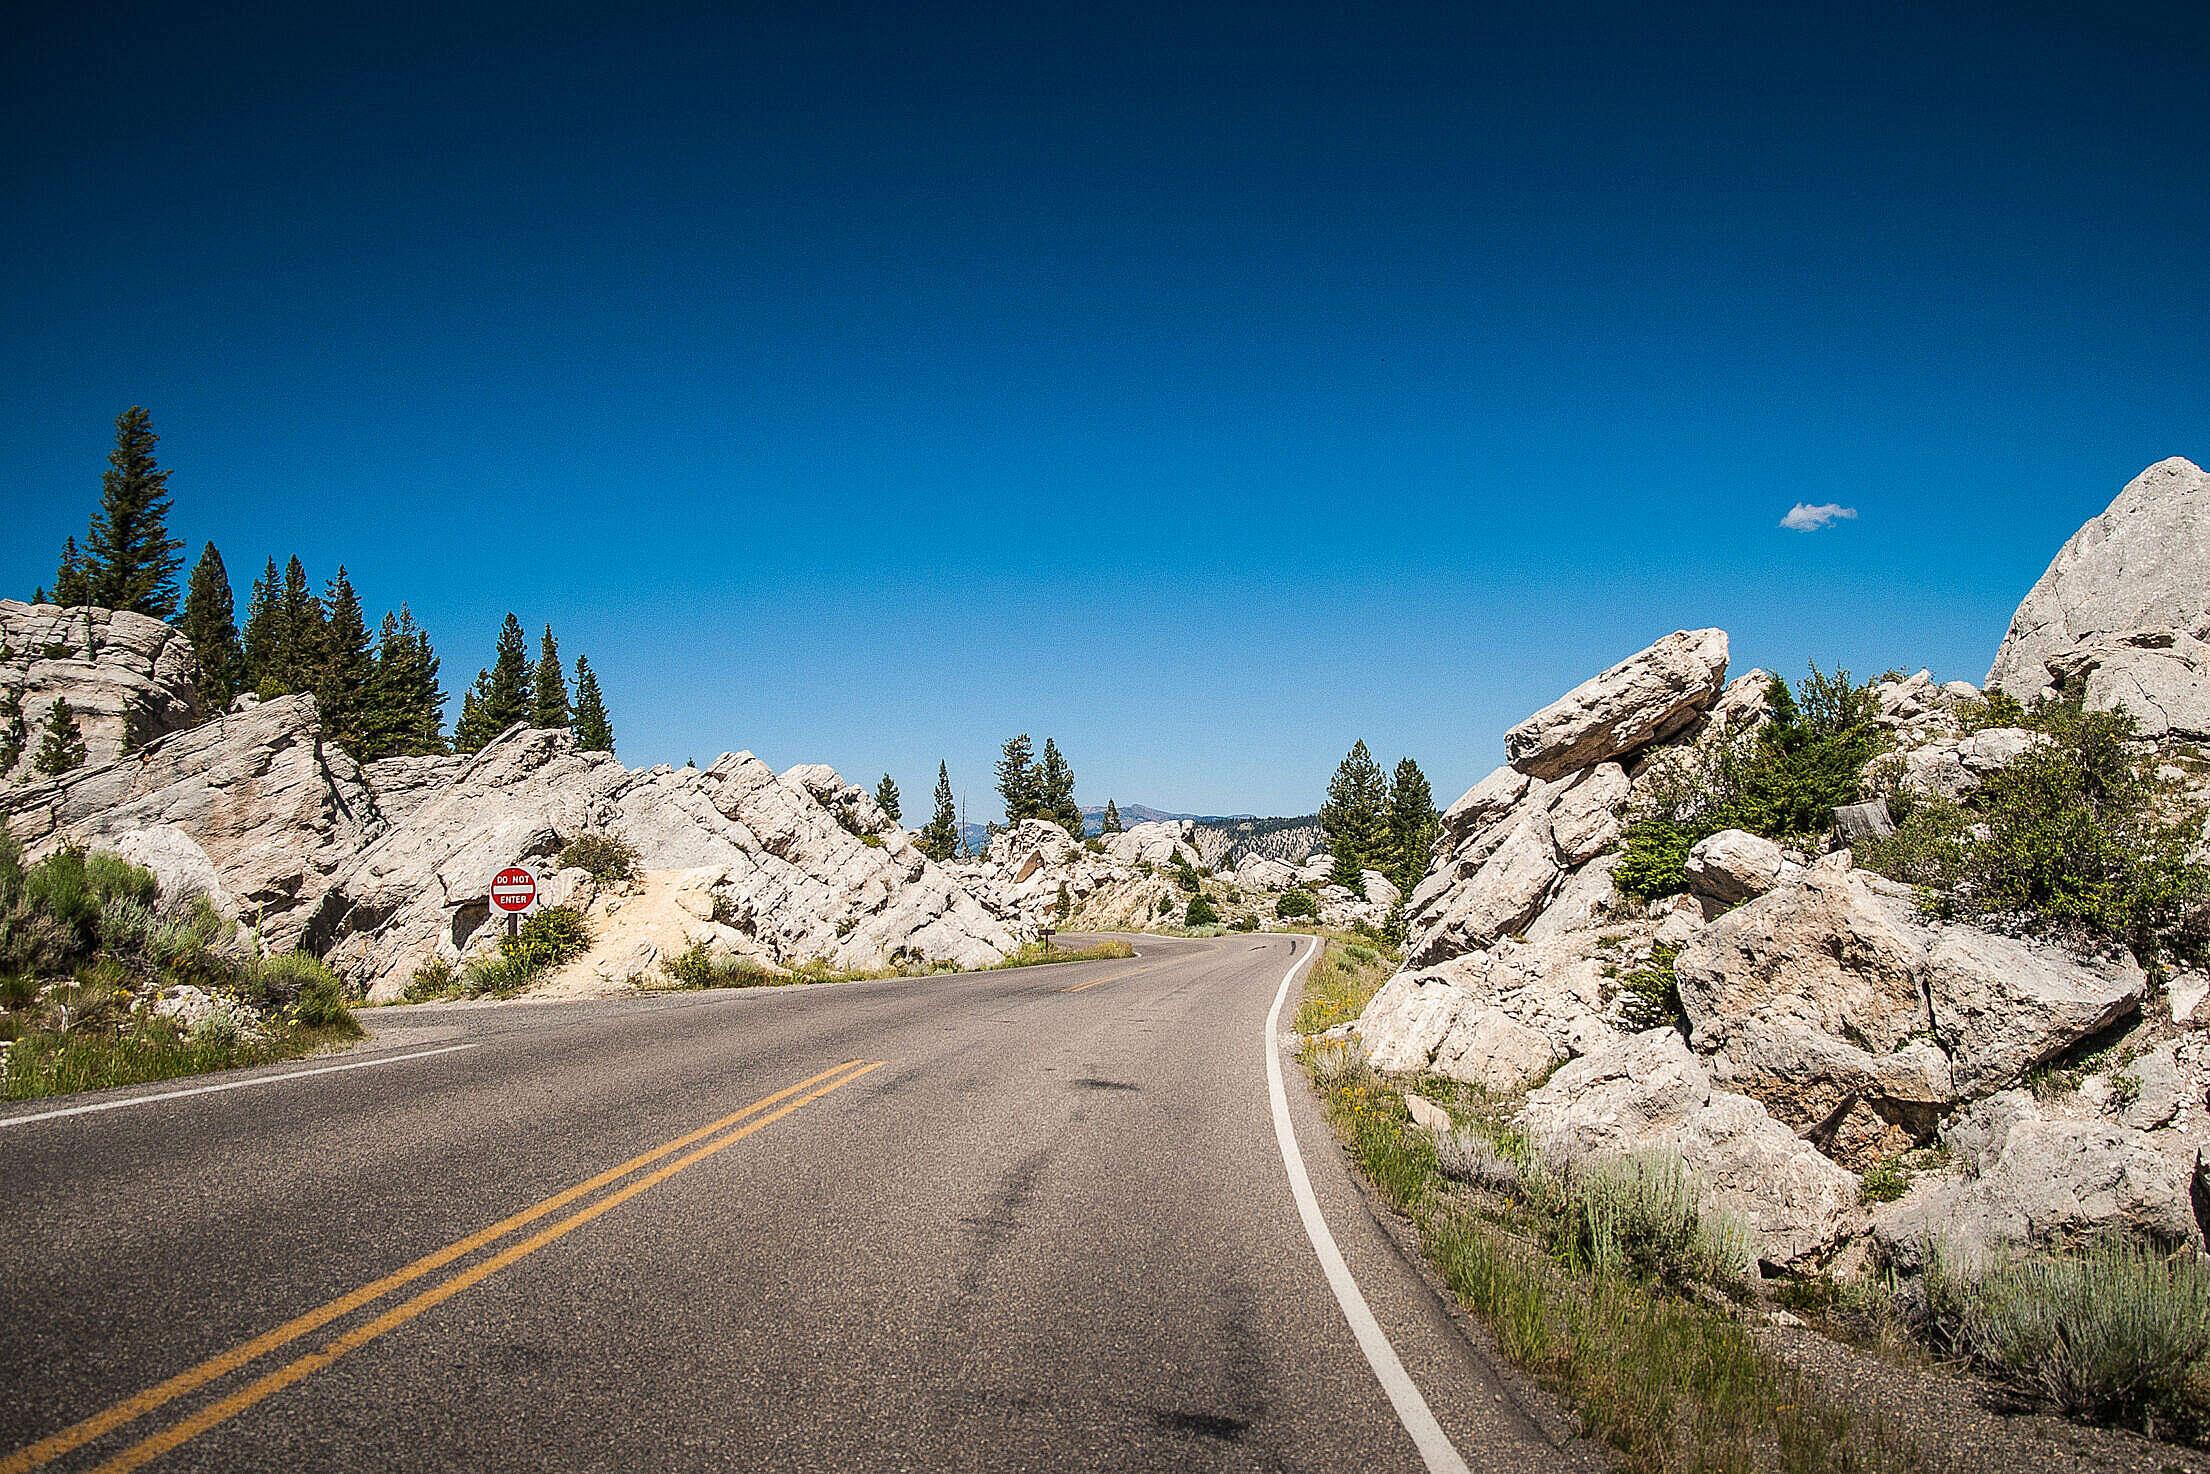 A Road Through Rocks Free Stock Photo